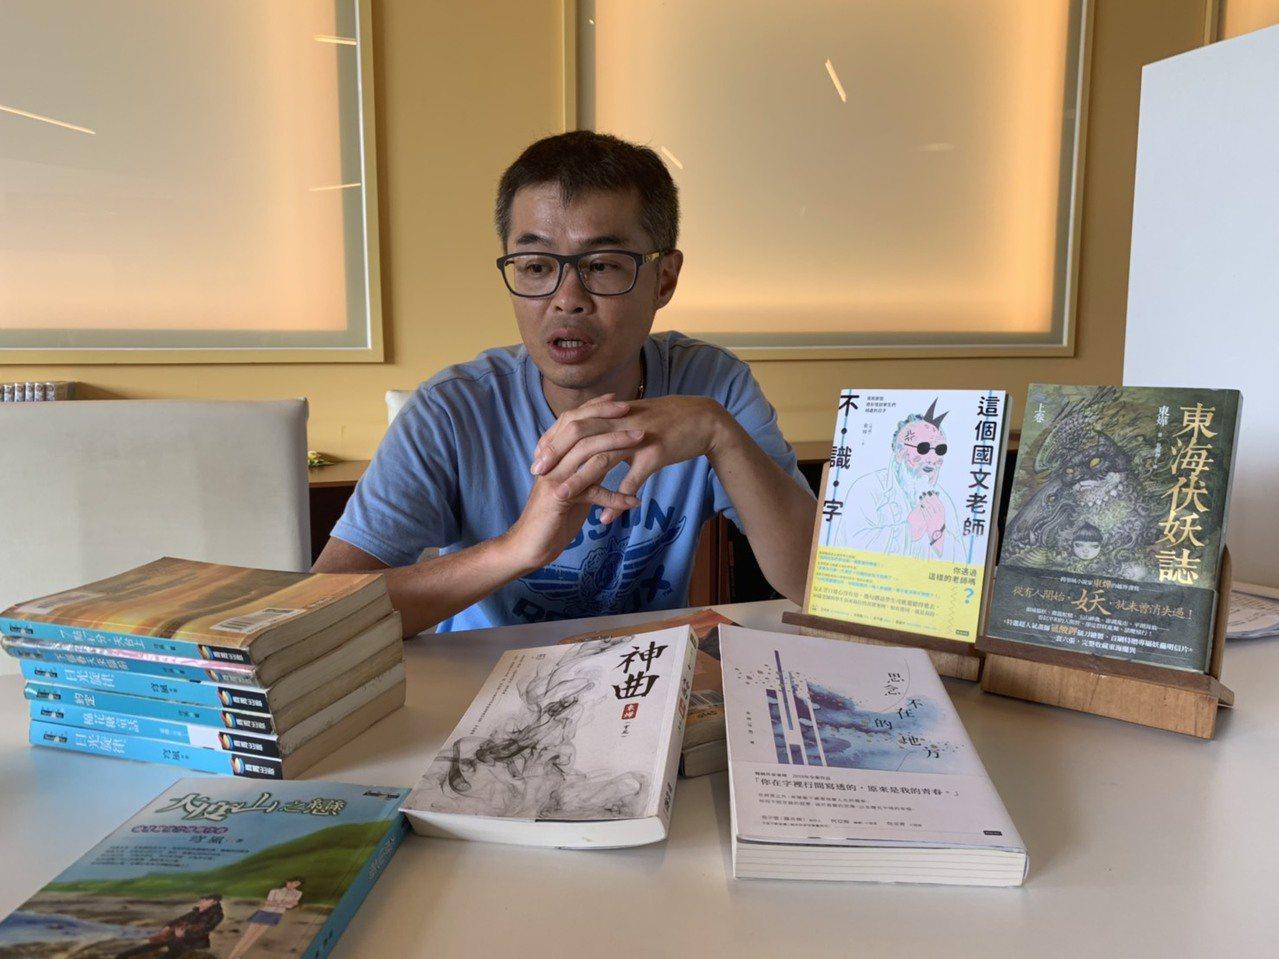 游騰崴至今已經出版40多本著作,都是暢銷書。圖/桃園市至善高中提供